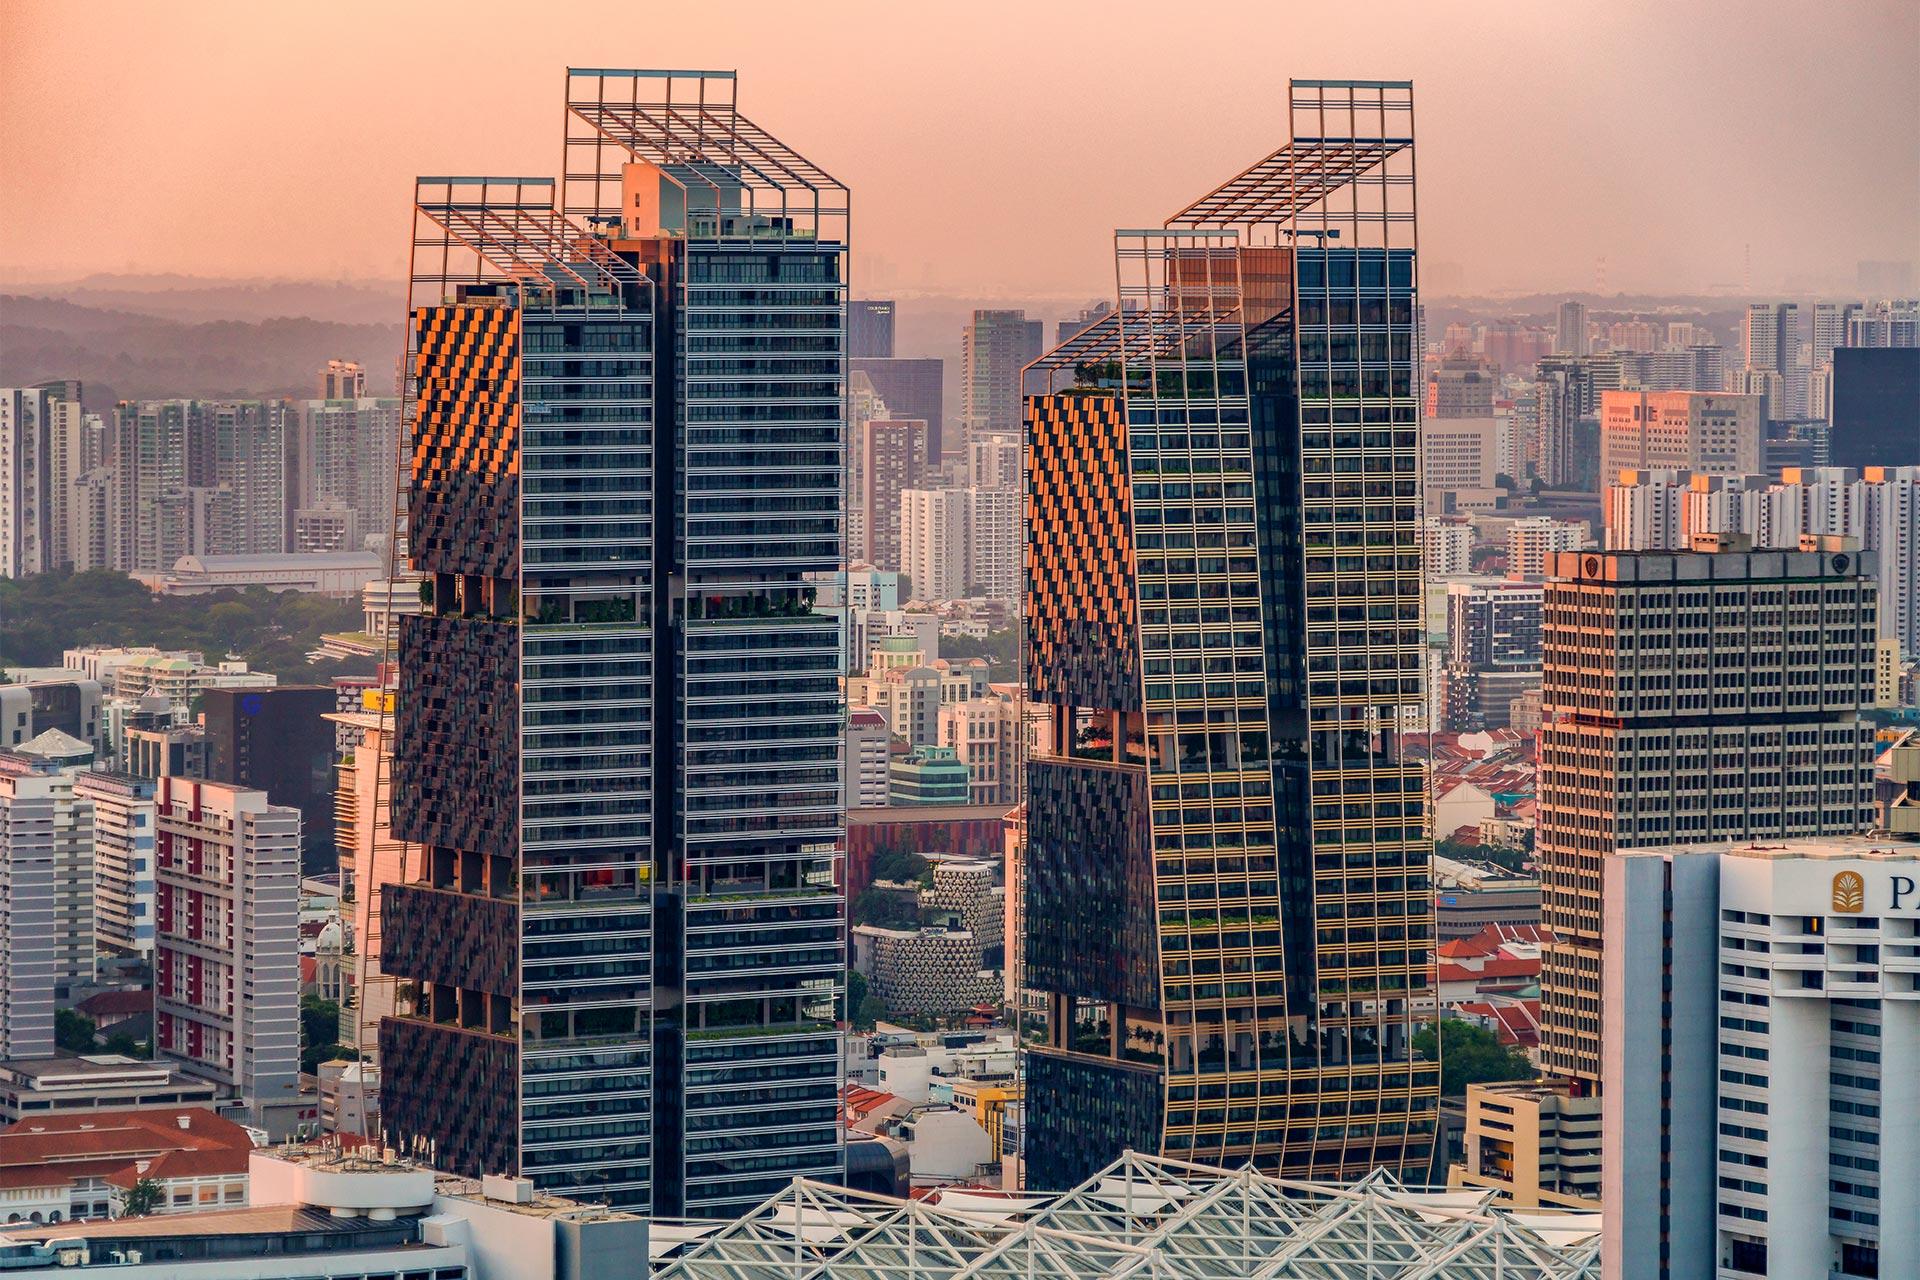 South Beach Towers, Singapore